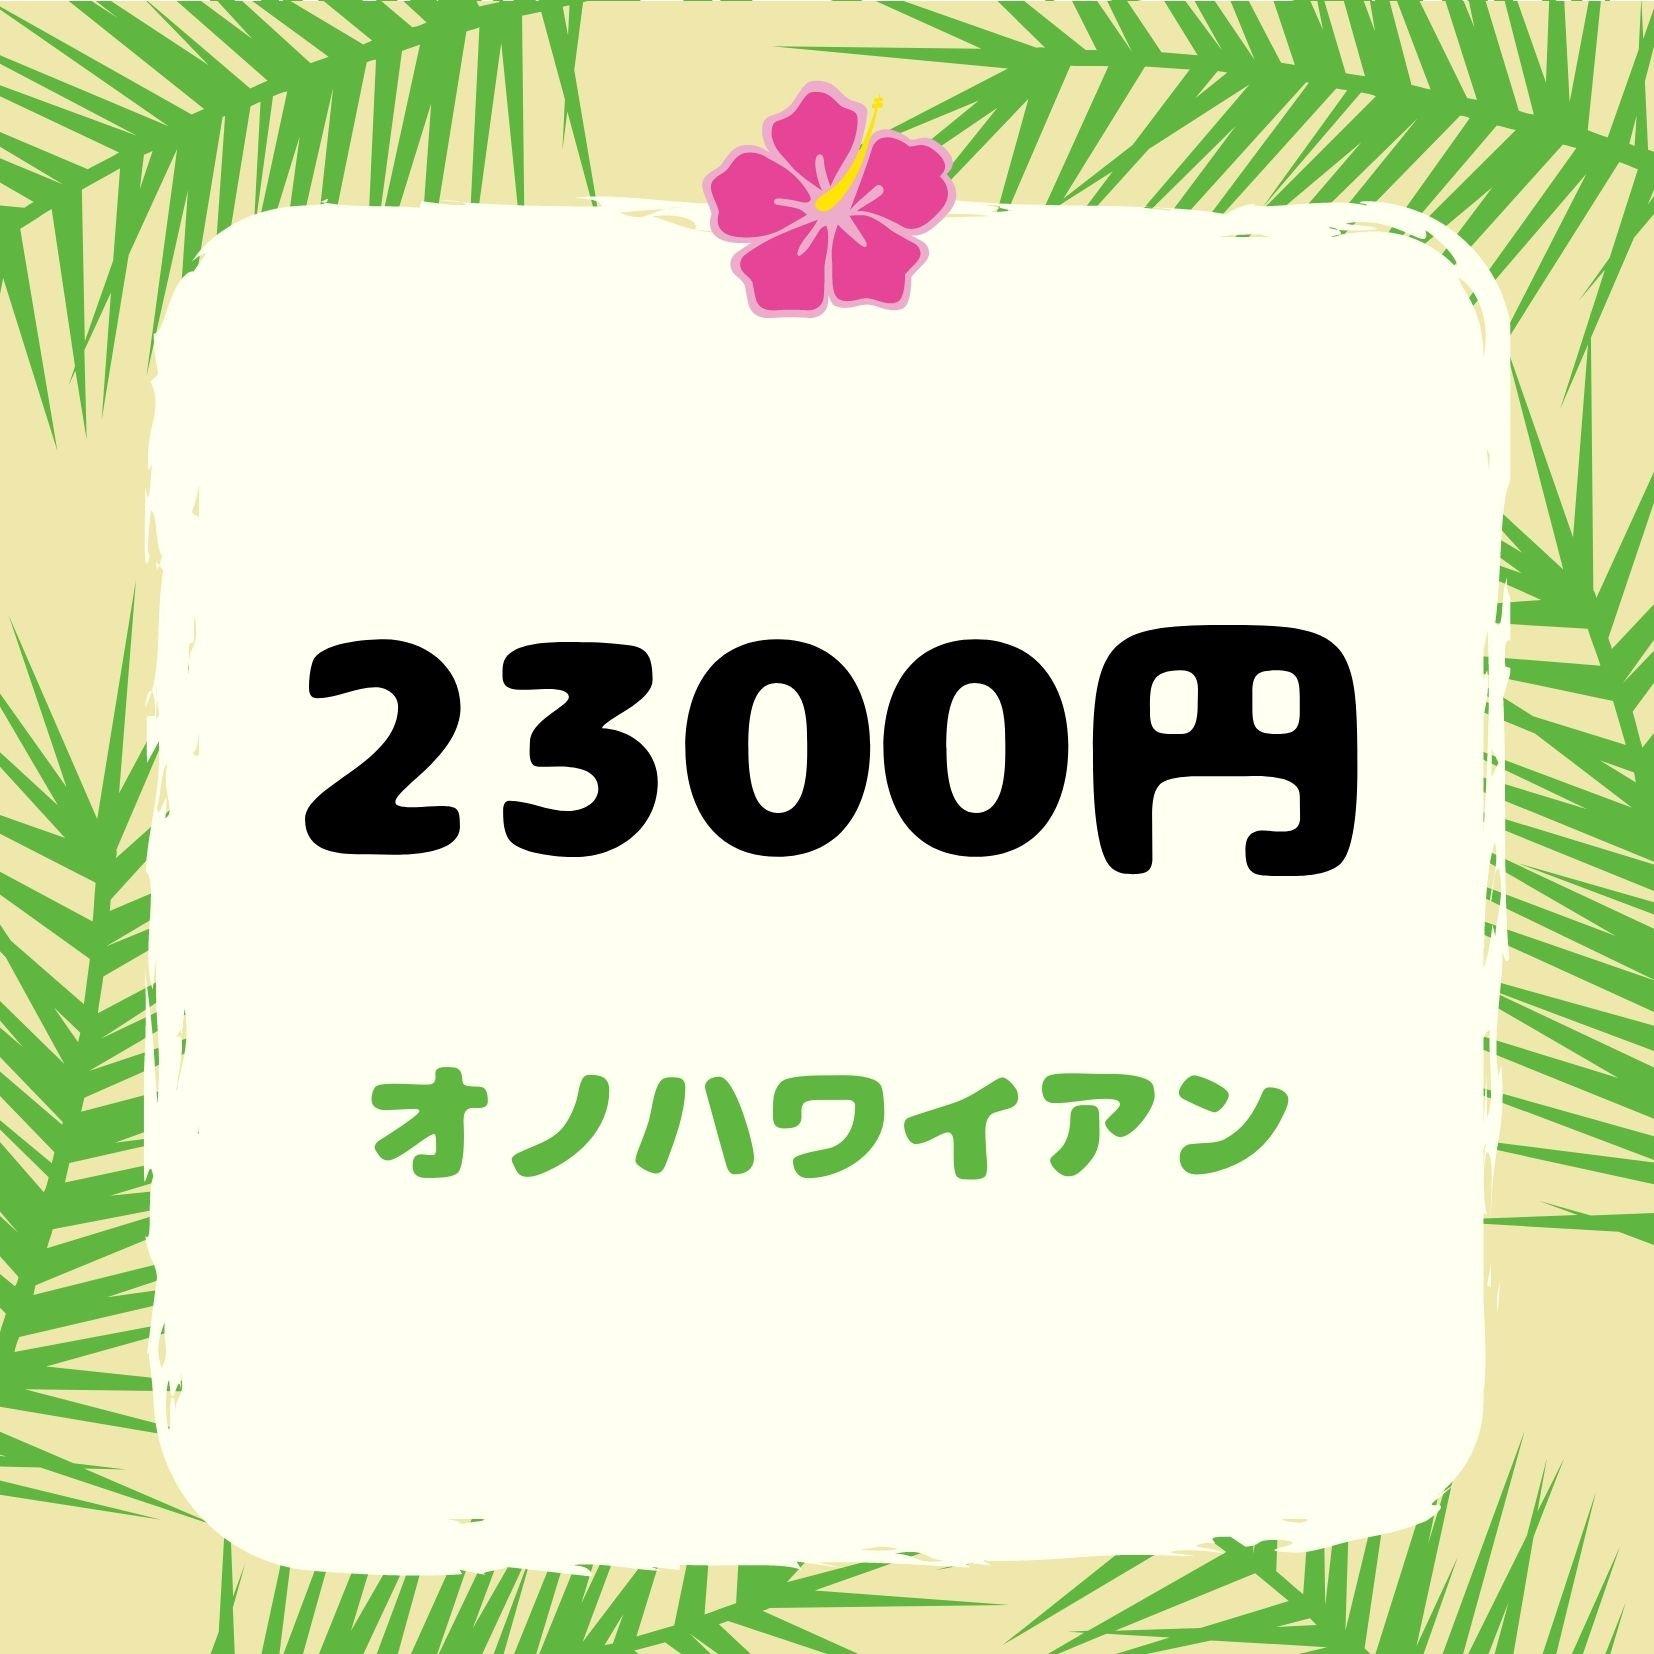 2,300円【店頭払い専用】女子会コースのイメージその1